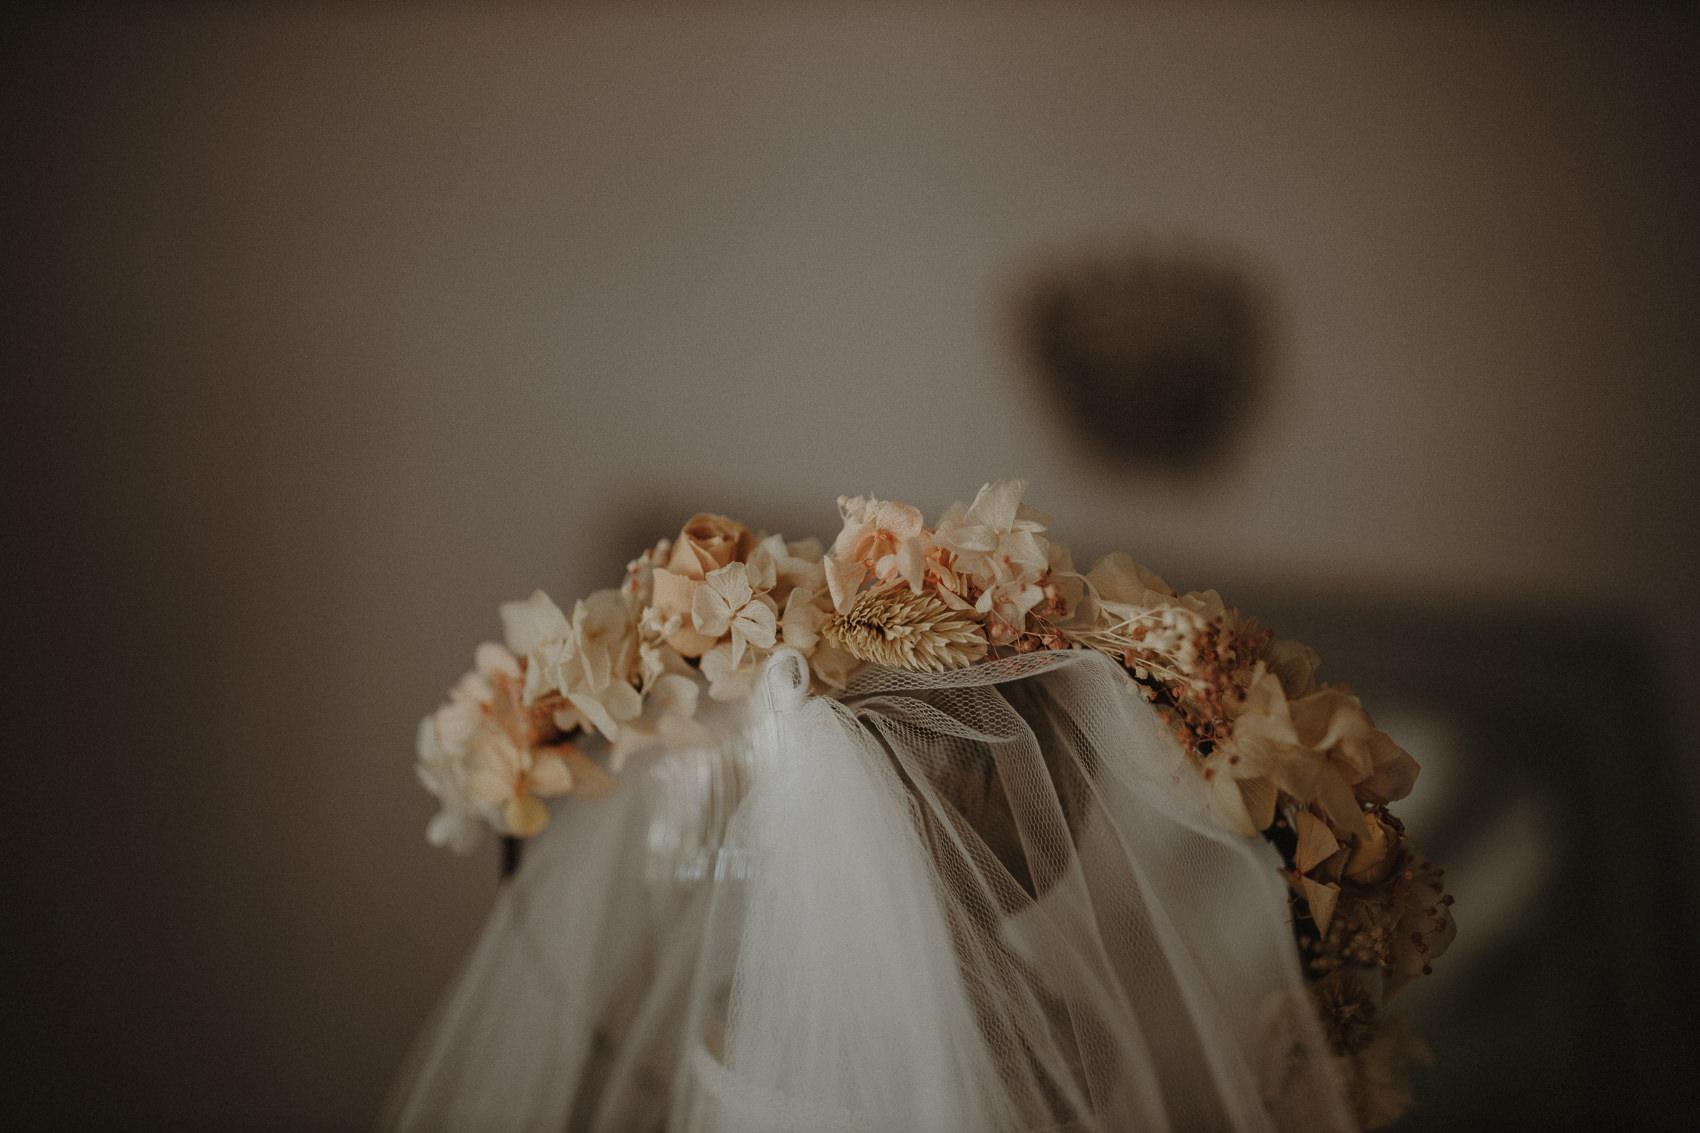 Sarah & Bill | Summer wedding at Cortijo Rosa Blanca | Marbella - Spain 17